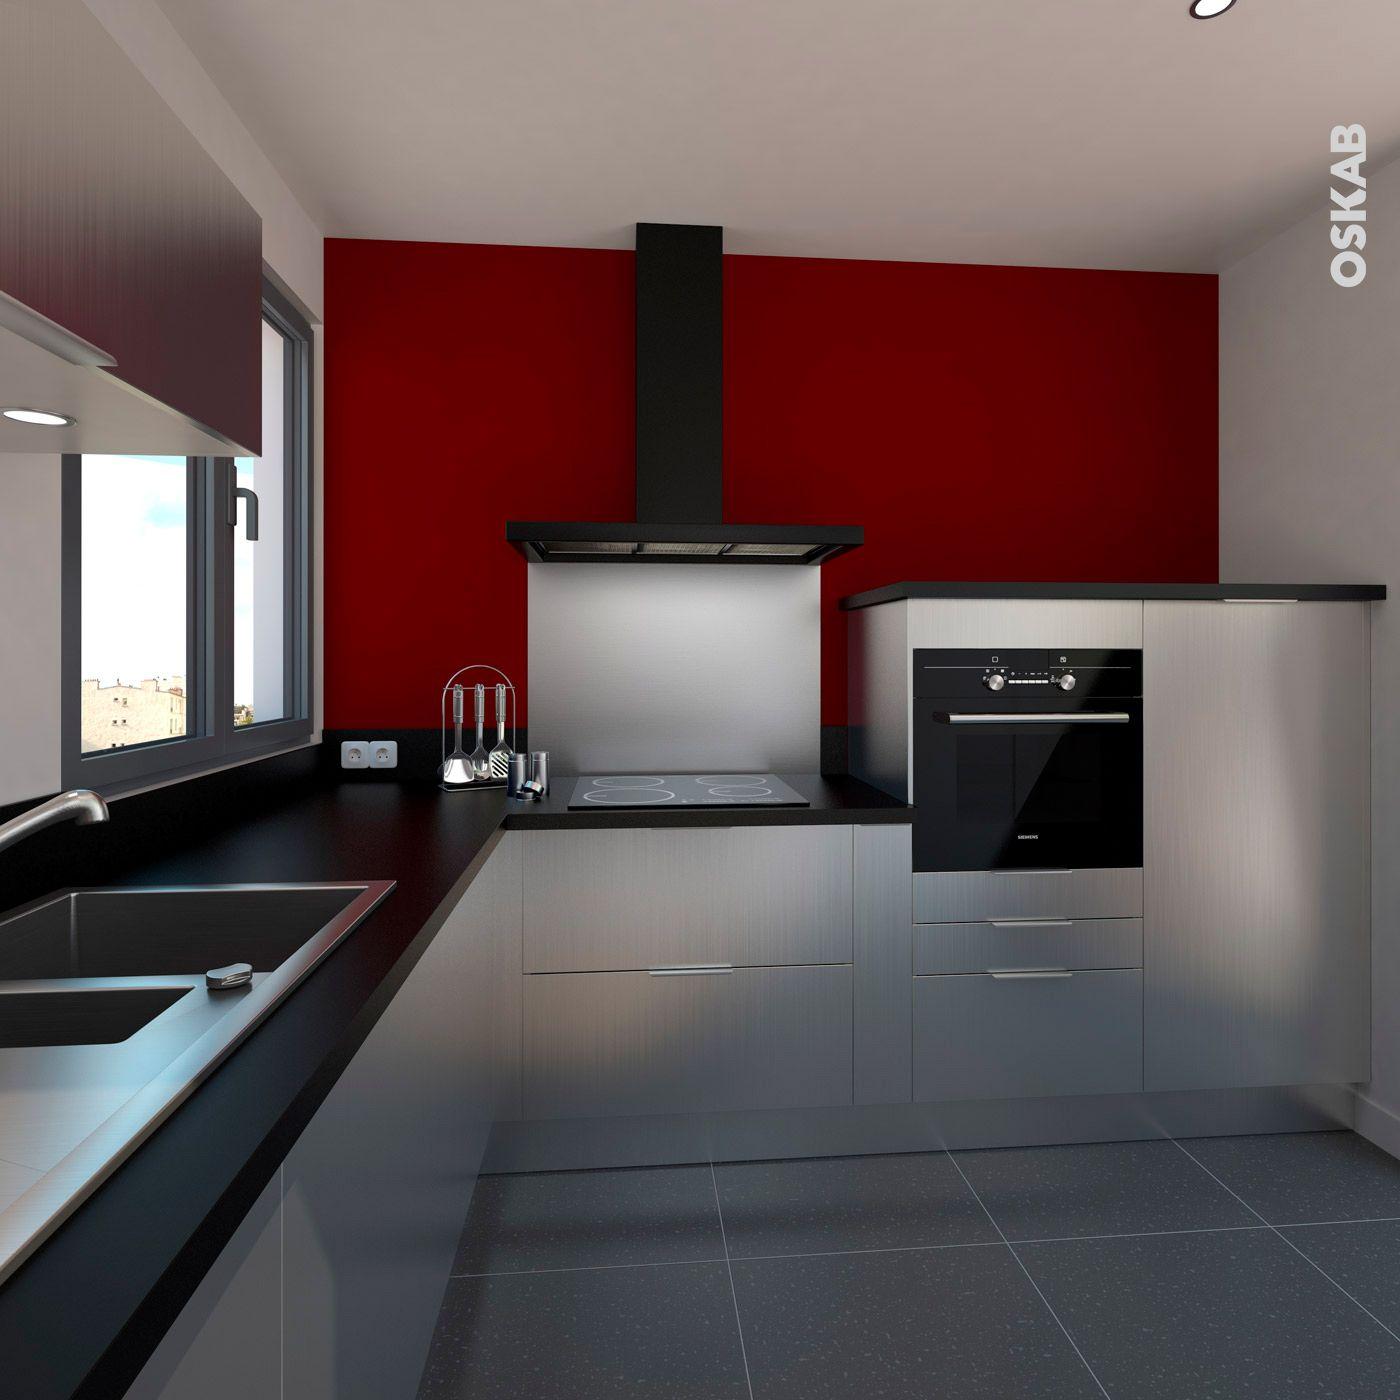 cuisine style industriel, petite cuisine décor inox effet